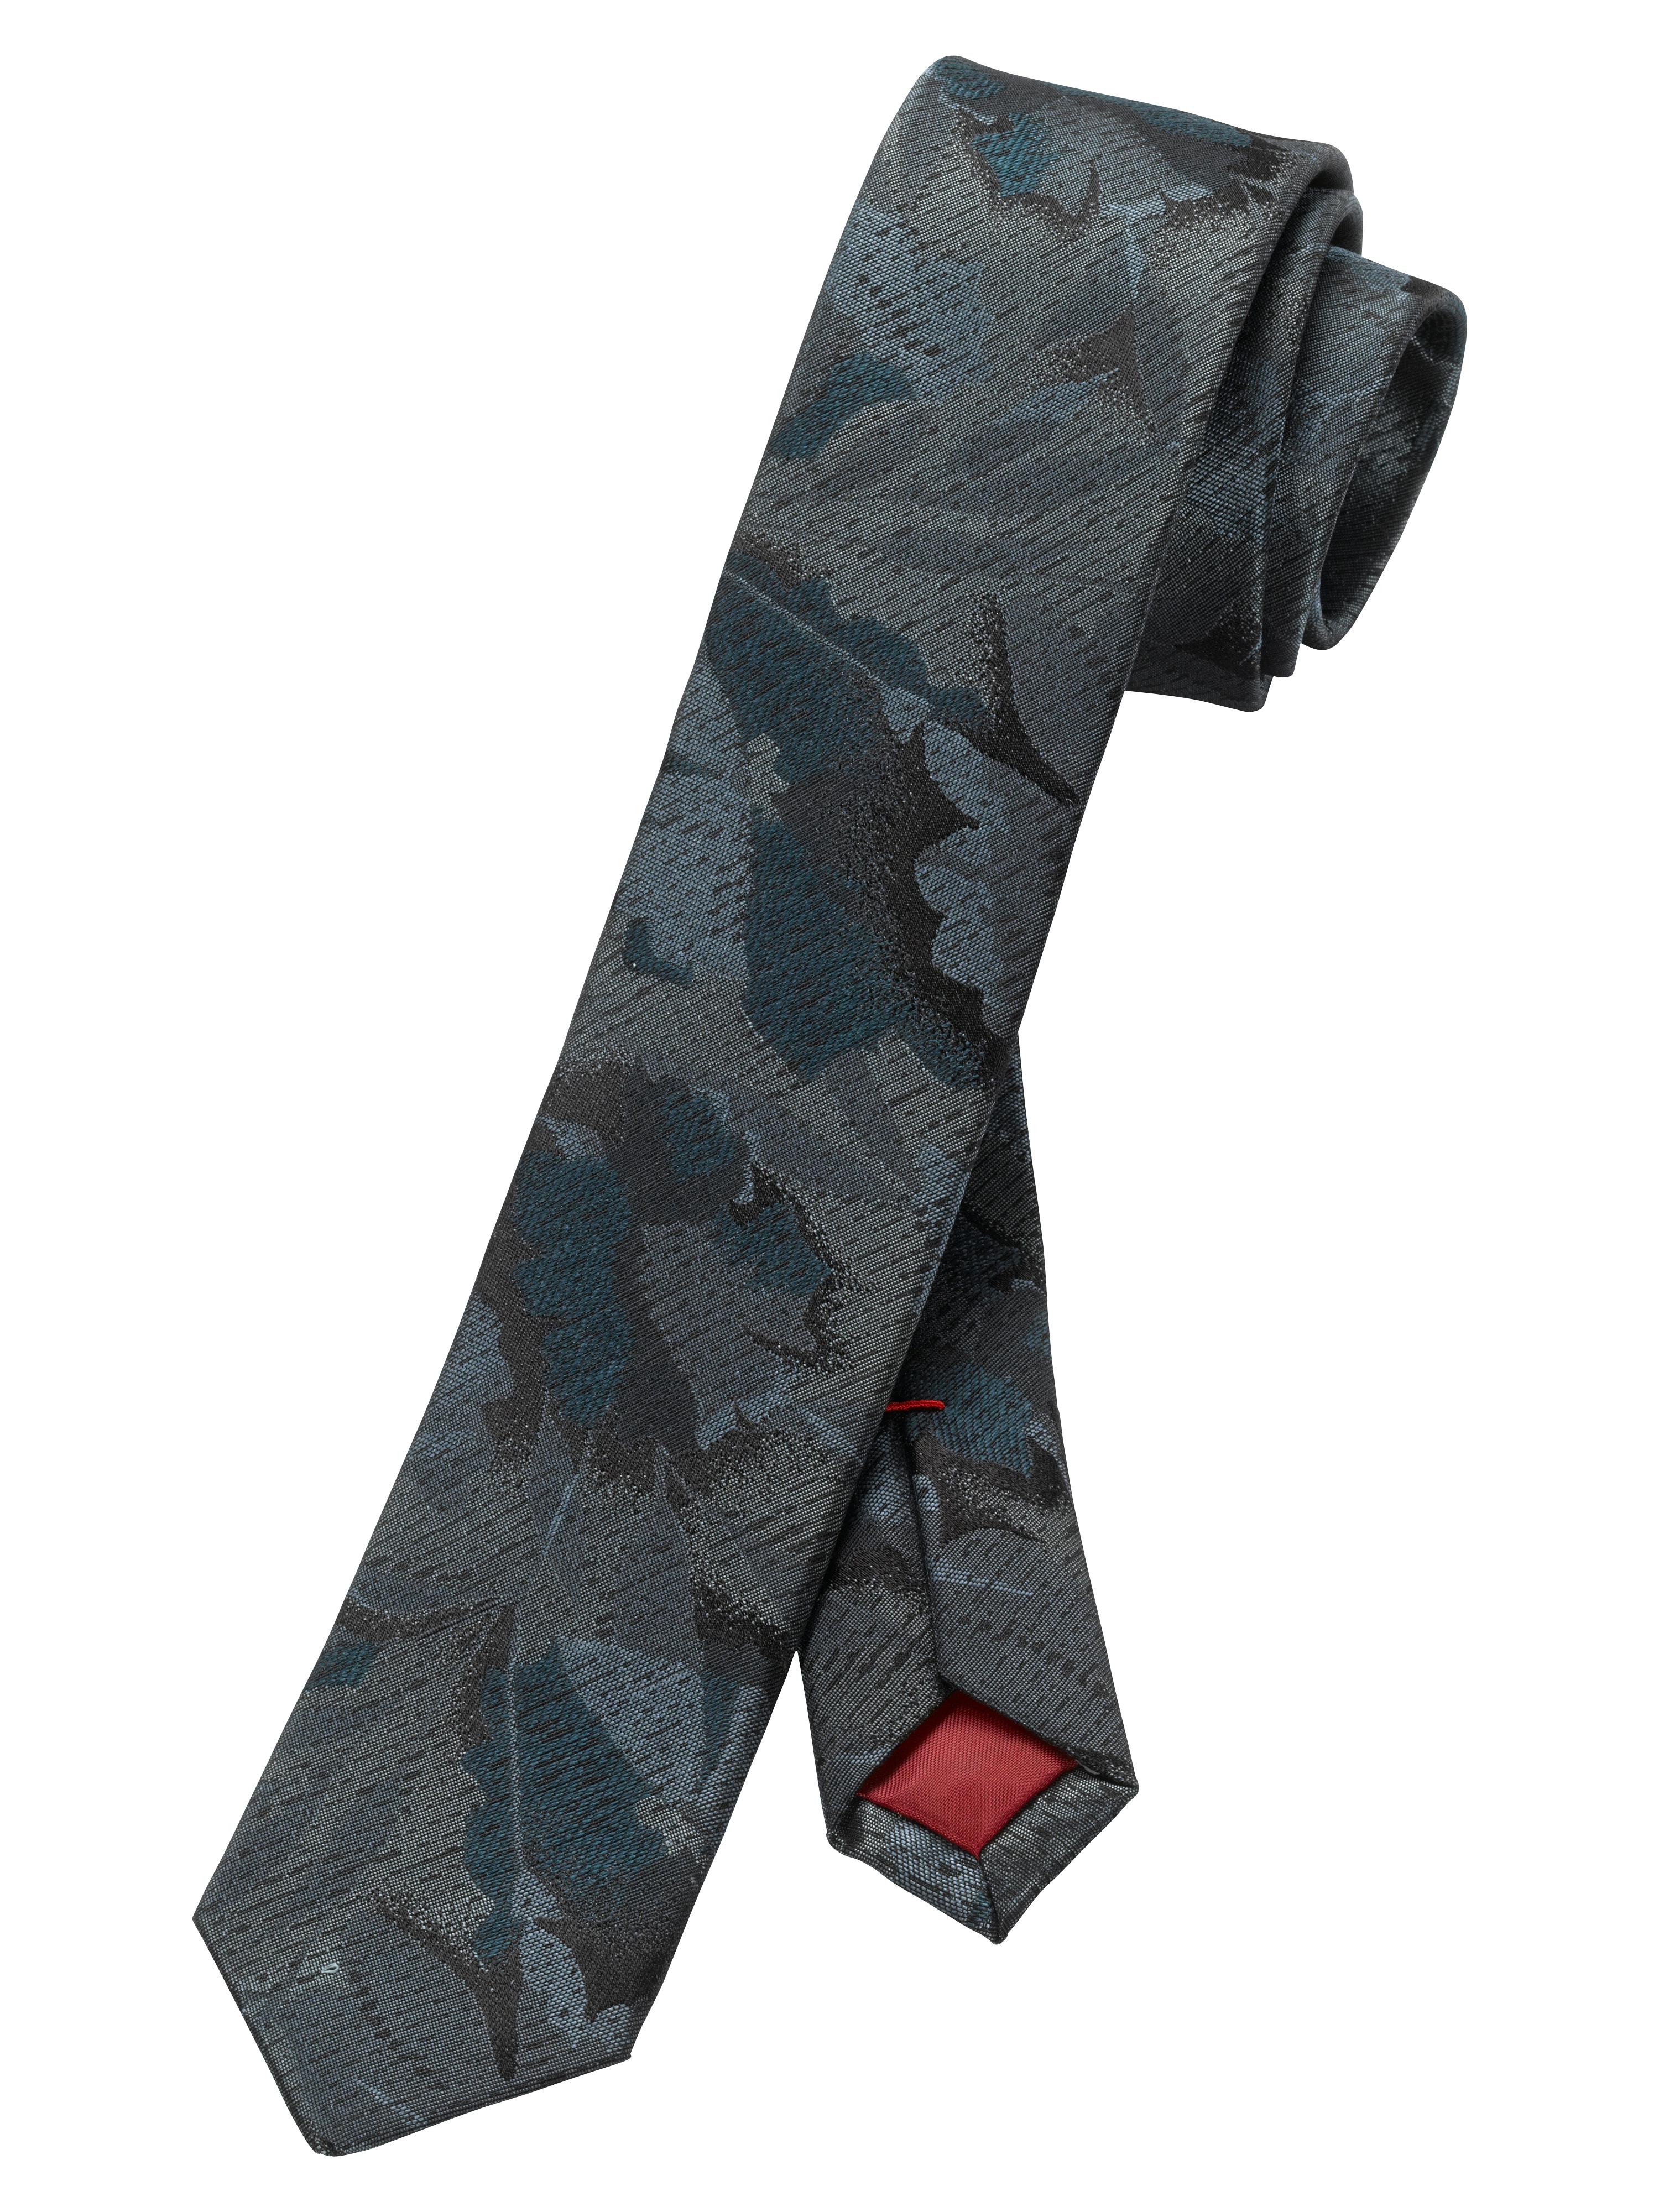 OLYMP  Krawatte, Grau-Grün, | Accessoires > Krawatten > Sonstige Krawatten | Grau - Grün | Seide | OLYMP